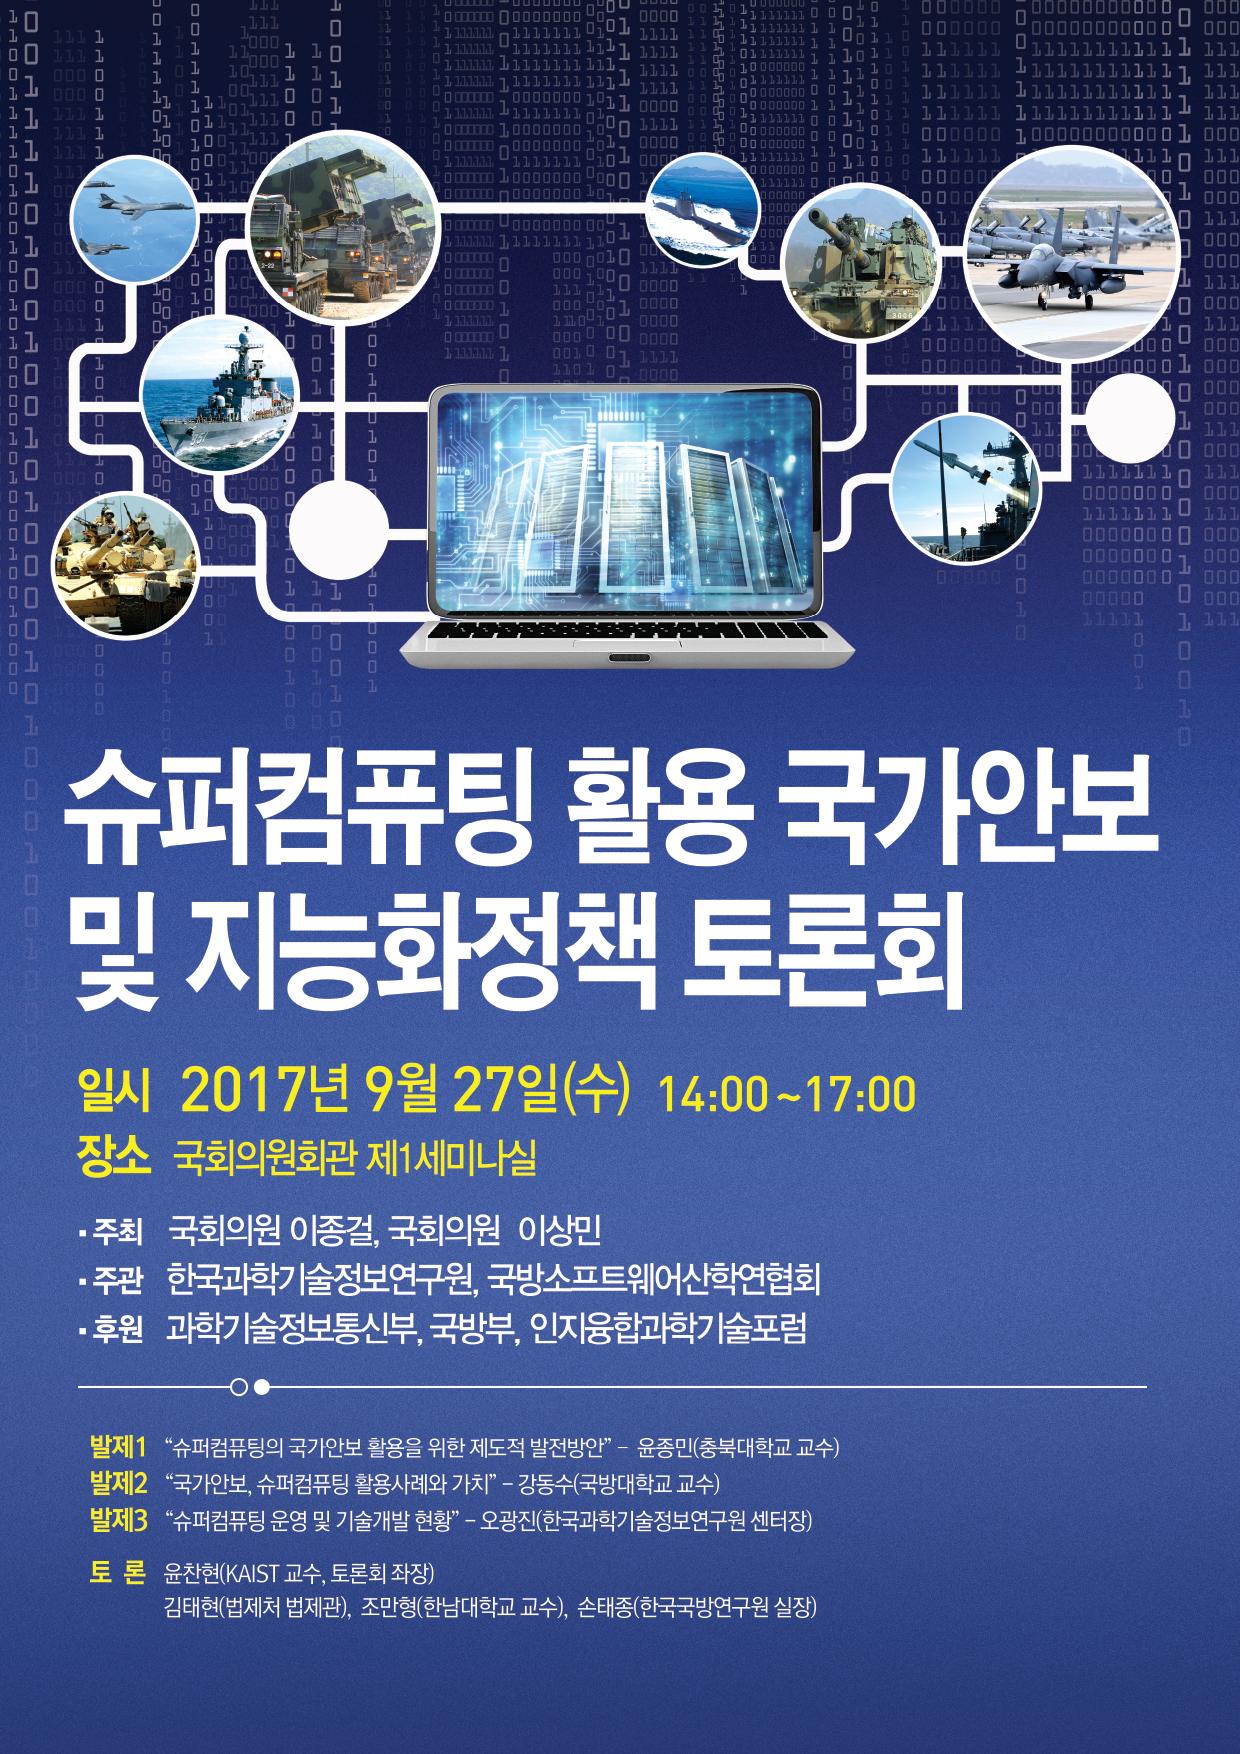 슈퍼컴퓨팅 활용 국가안보 및 지능화정책 토론회 자세한 내용은 본문 참조